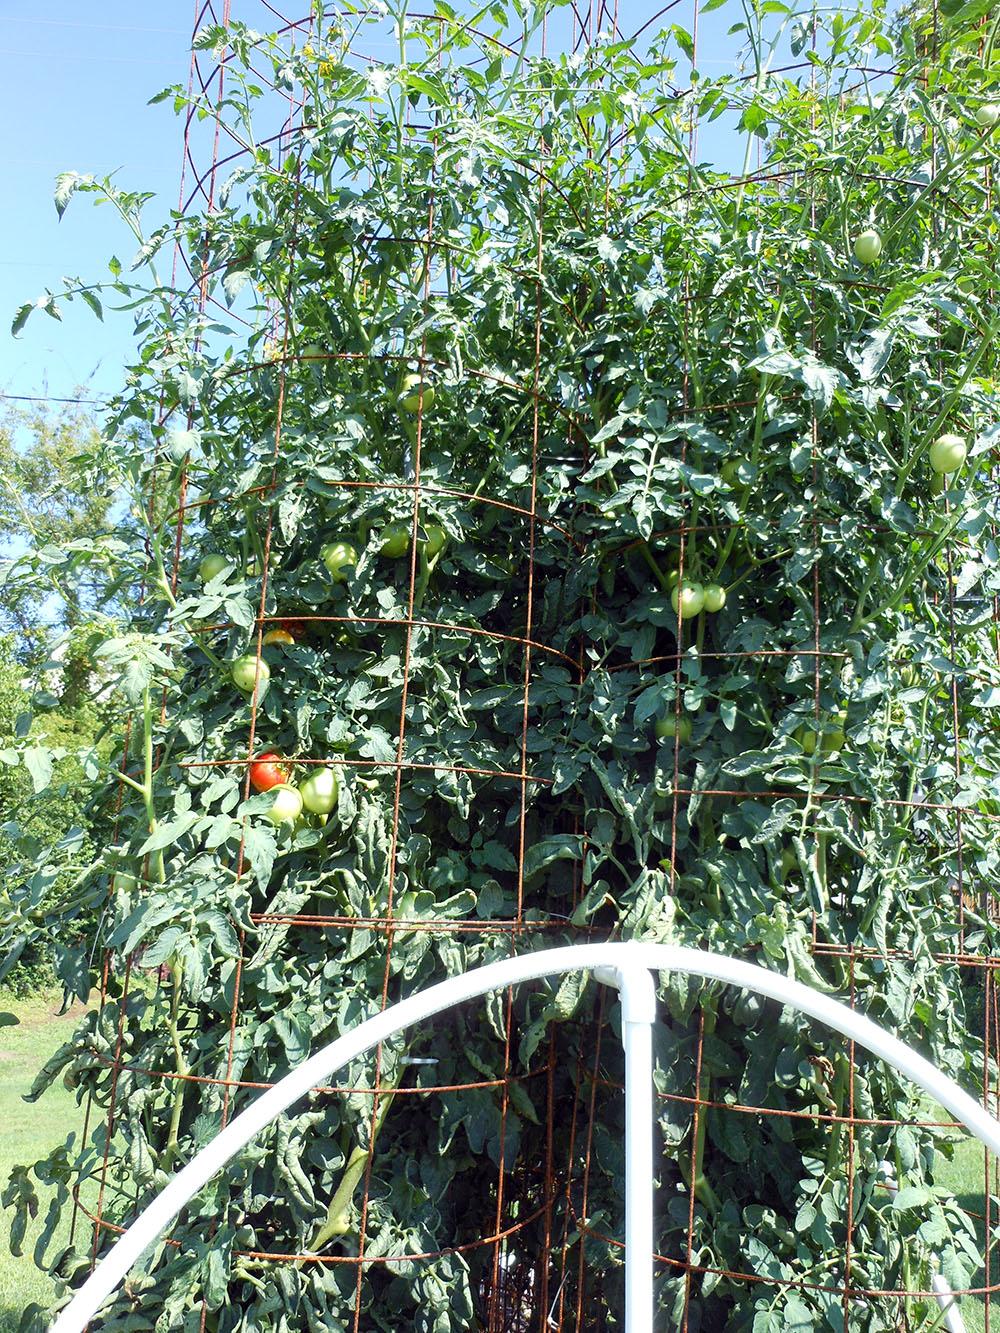 07-30-2016 Tomato Plants St Pauls S 14